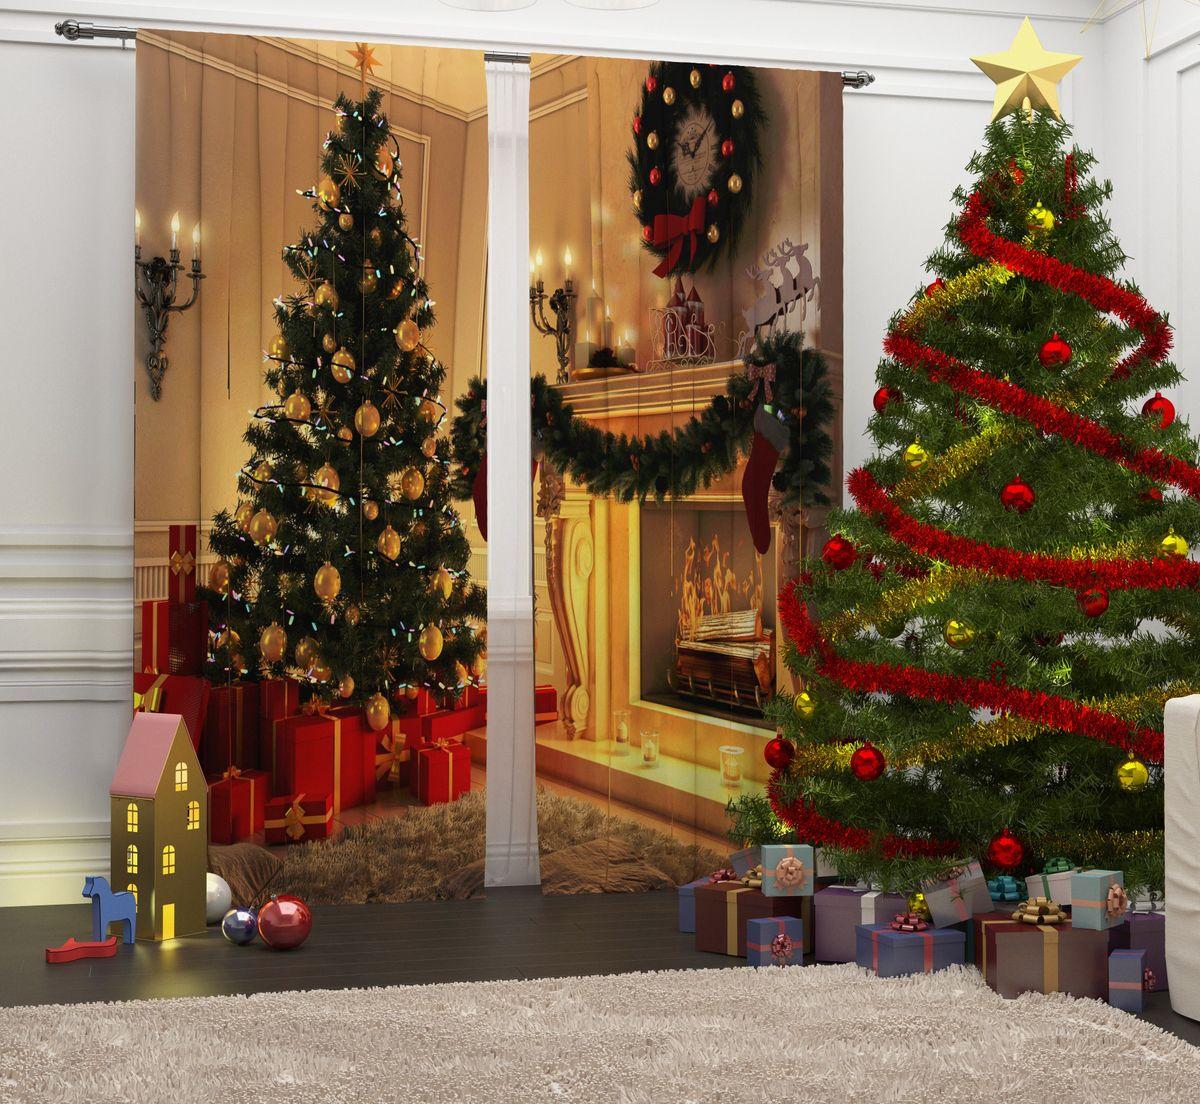 Фотошторы Сирень Волшебный вечер, на ленте, высота 260 см07052-ФШ-ГБ-001Перед новогодними праздниками каждая хозяйка или хозяин хотят украсить свой дом. Мы предлагаем оригинальное решение, украсить Ваше окно фотошторами с новогодней тематикой. Новогодние фотошторы Сирень станут отличным подарком на Новый год. Подарите радость праздника себе и Вашим близким людям! Текстиль бренда «Сирень» - качество в каждом сантиметре ткани! Крепление на карниз при помощи шторной ленты на крючки. В комплекте: Портьера: 2 шт. Размер (ШхВ): 145 см х 260 см. Рекомендации по уходу: стирка при 30 градусах гладить при температуре до 150 градусов Изображение на мониторе может немного отличаться от реального.